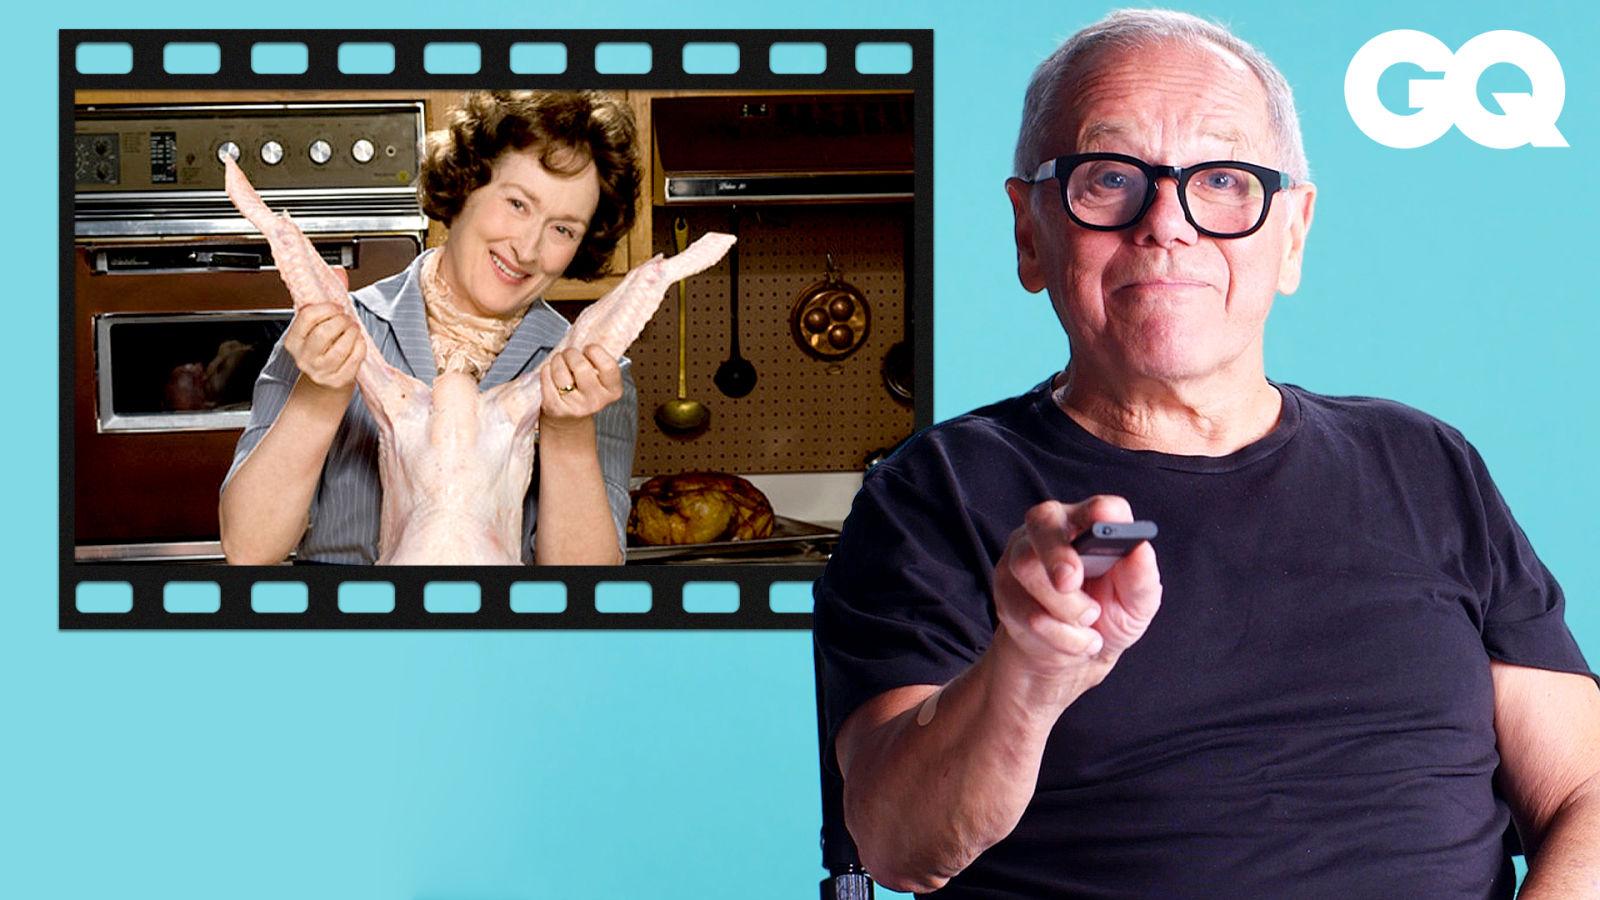 人人都可以是美食評論家?傳奇大廚好萊塢電影片段解析 Wolfgang Puck Breaks Down Restaurant Movies Scenes|經典電影大解密|GQ Taiwan